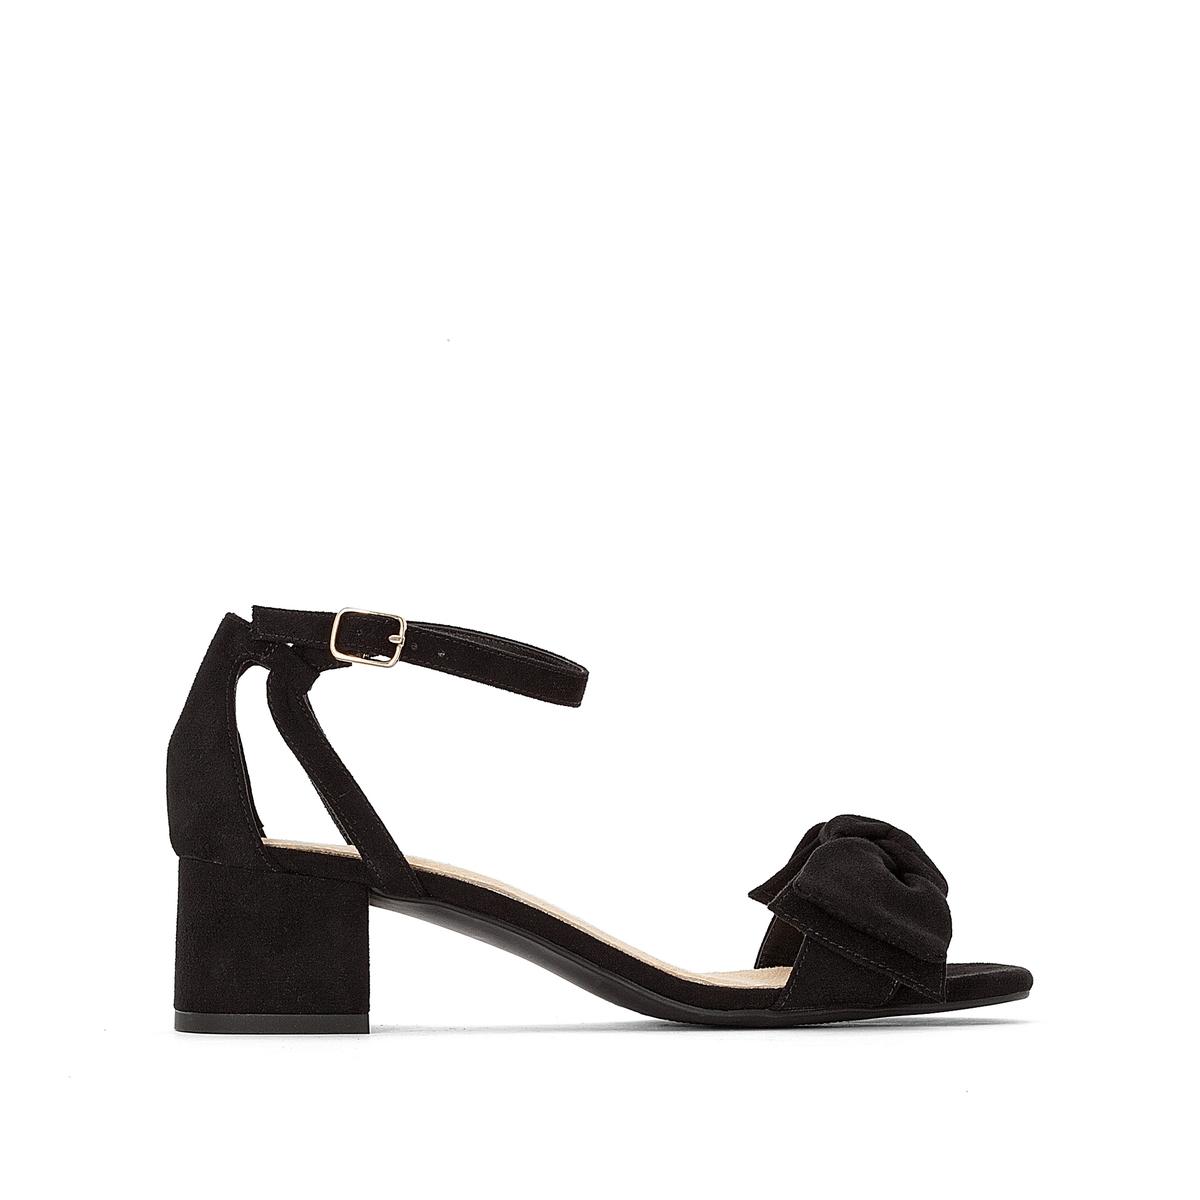 Sandalias con tacón ancho y lacito